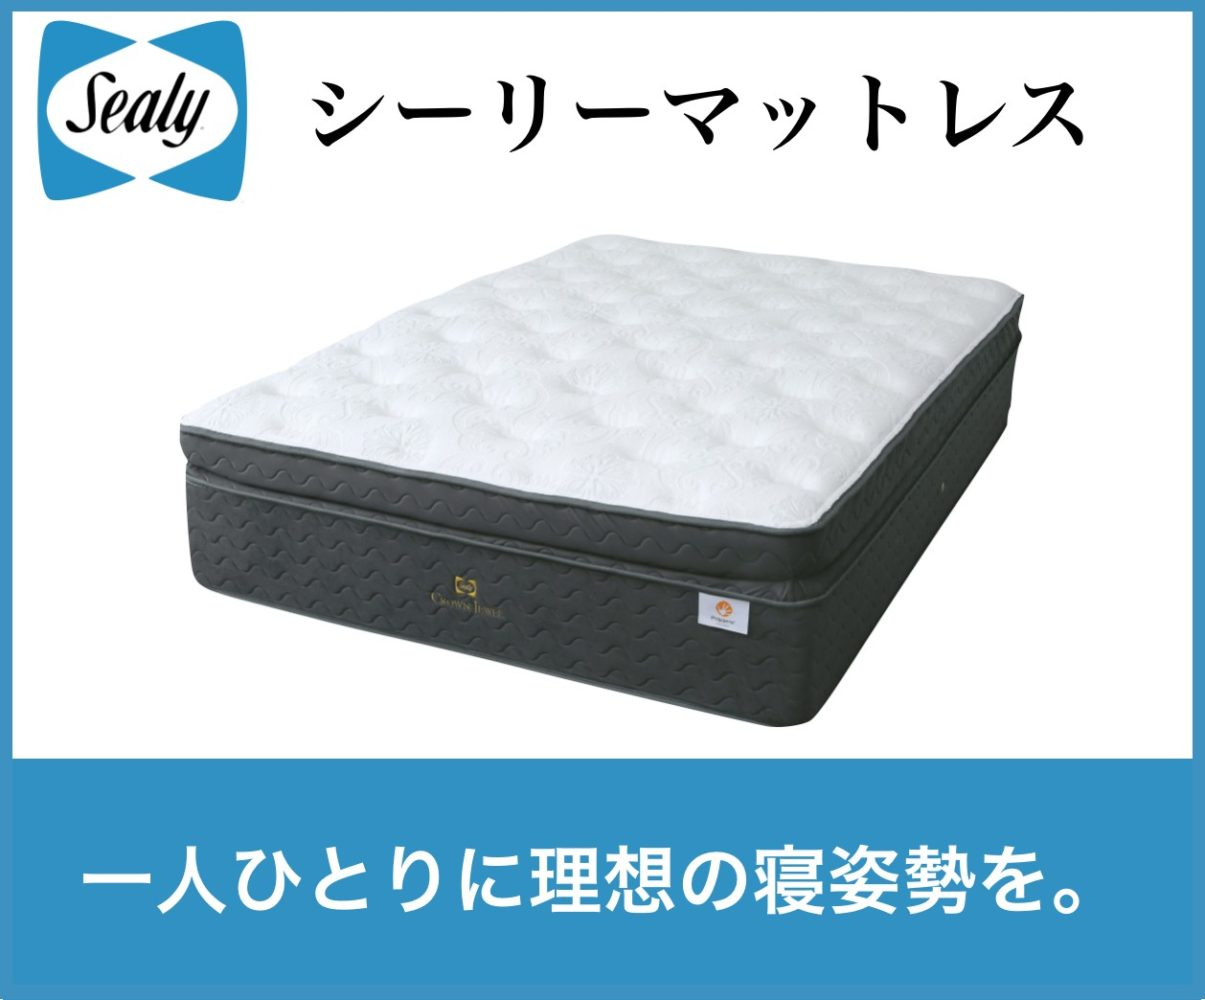 【腰痛対策ベッド】シーリー(Sealy) レスポンス プレミアムEPT|ボンネルコイルベッドマットレス